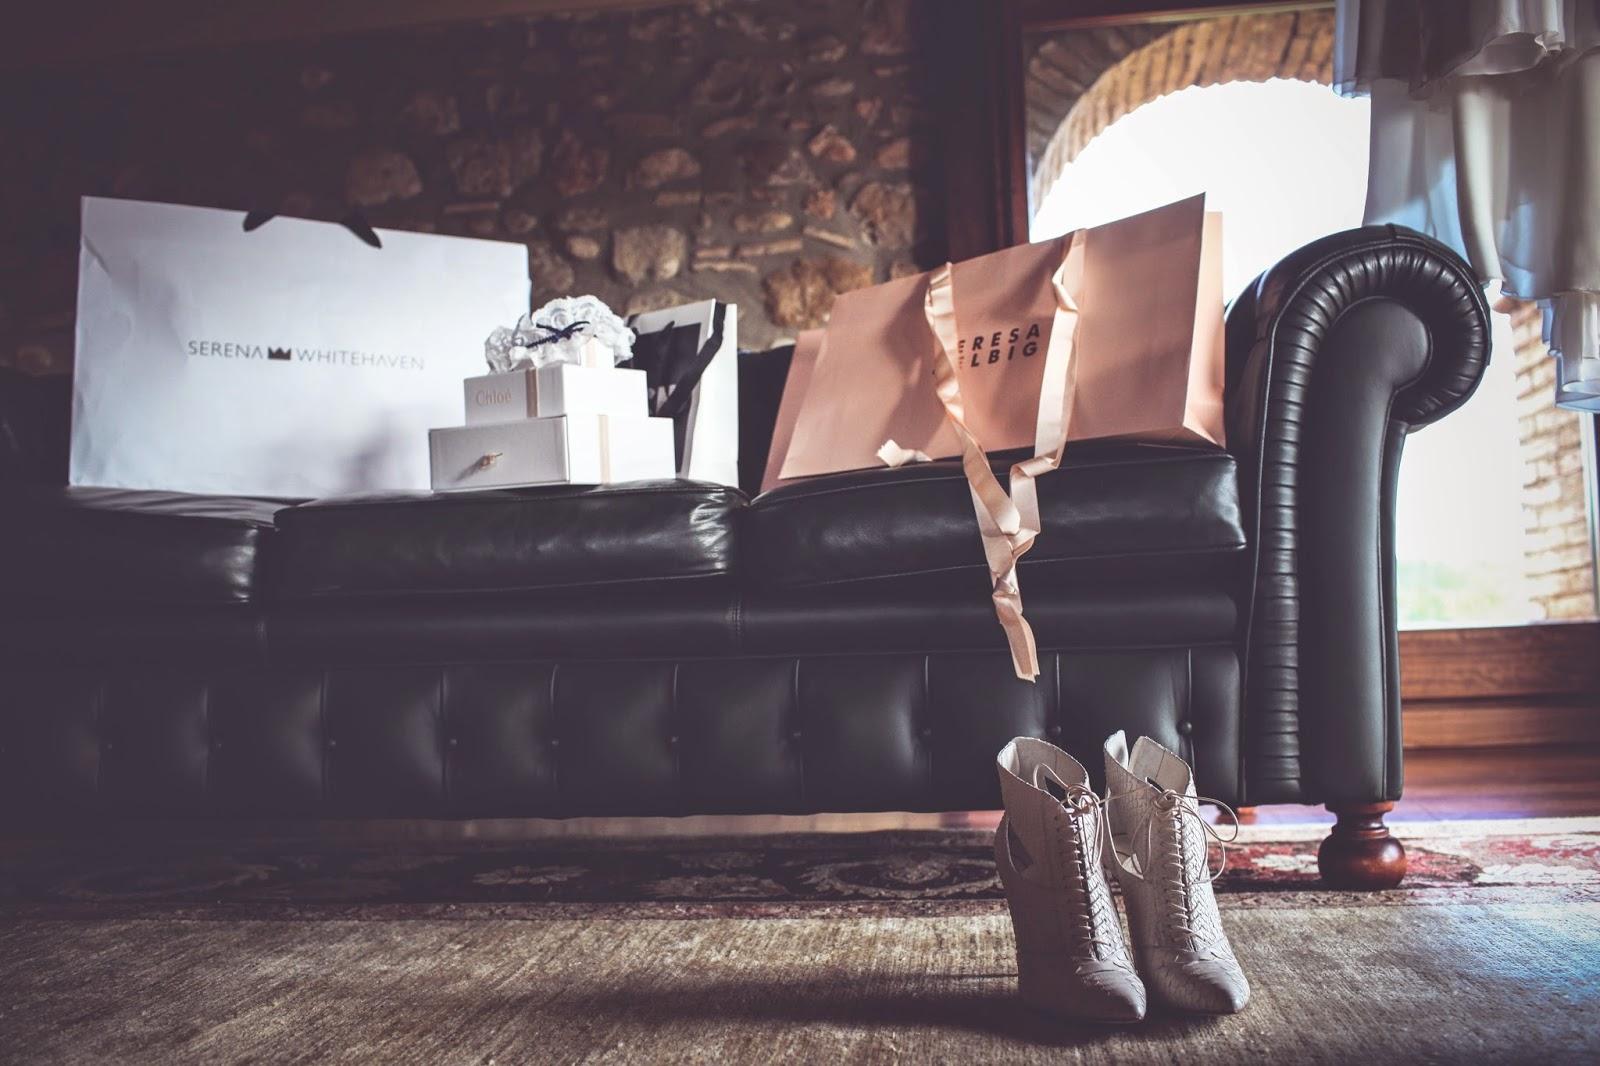 zapatos novia serena whitehaven